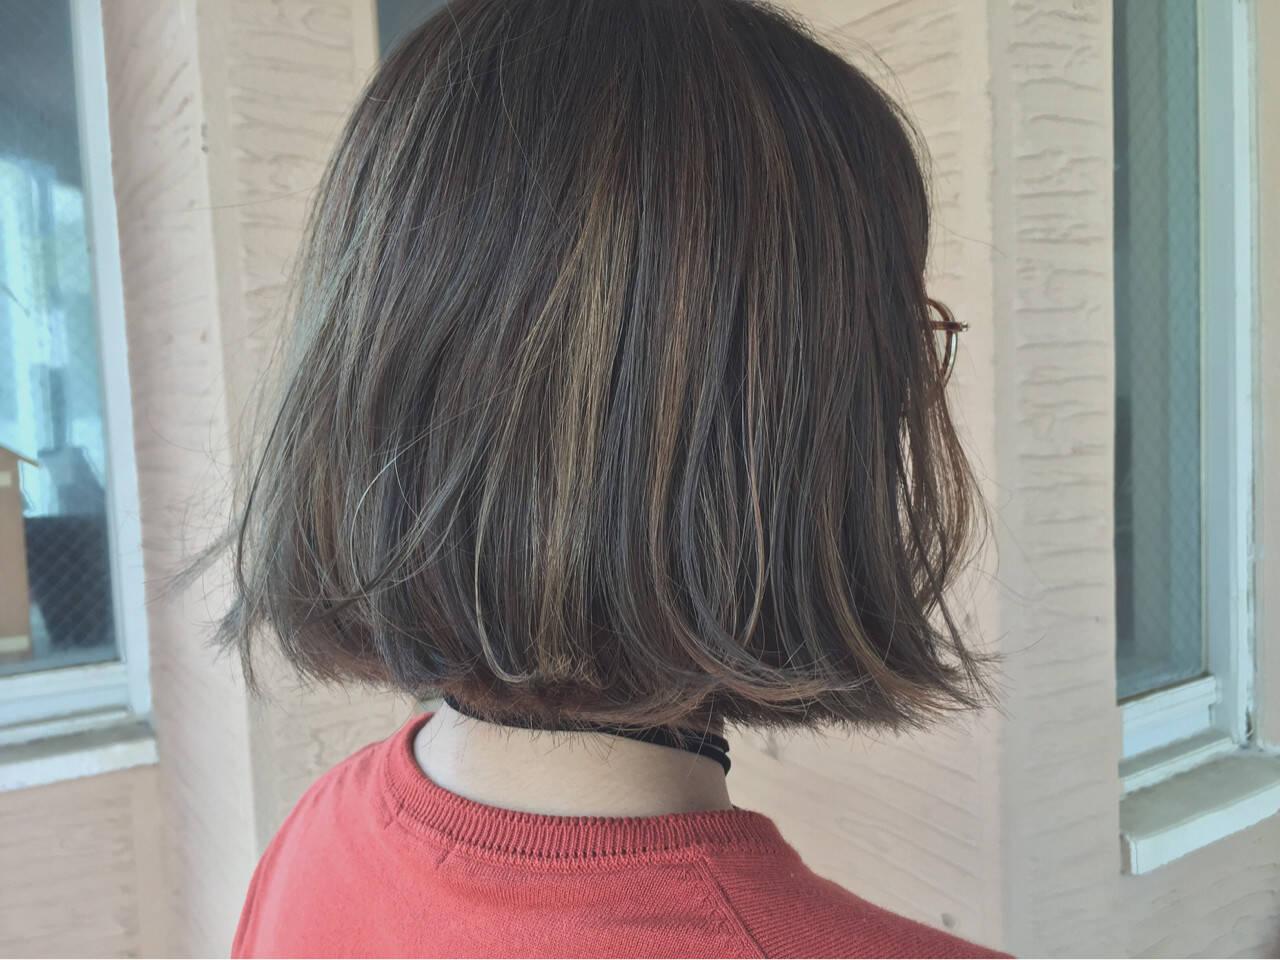 ハイライト 秋 外国人風 ボブヘアスタイルや髪型の写真・画像